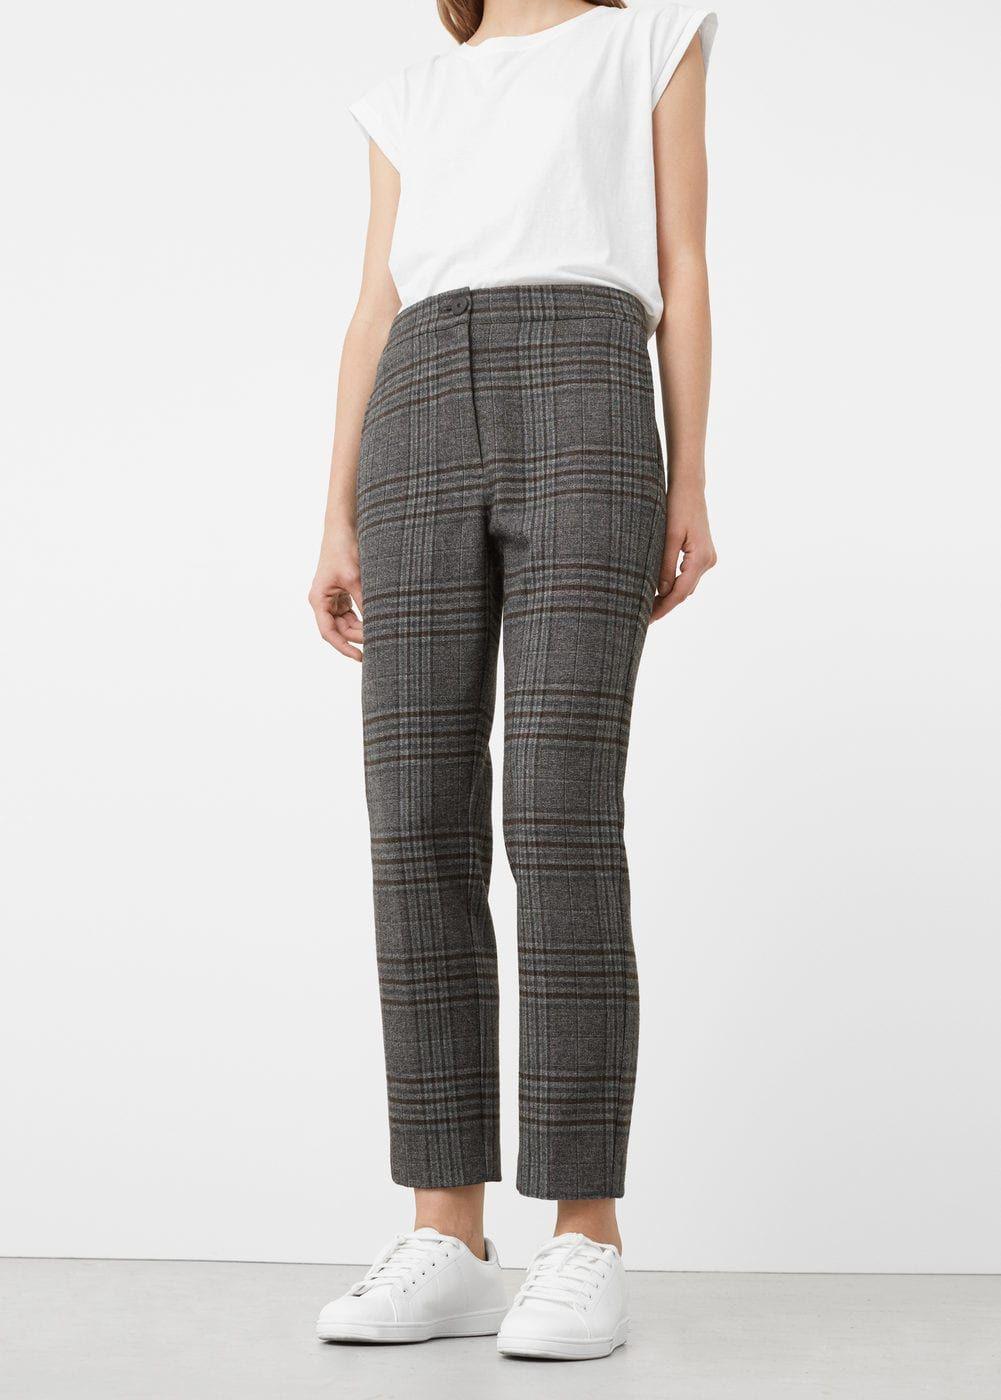 Check suit pants - Women  61344707e5